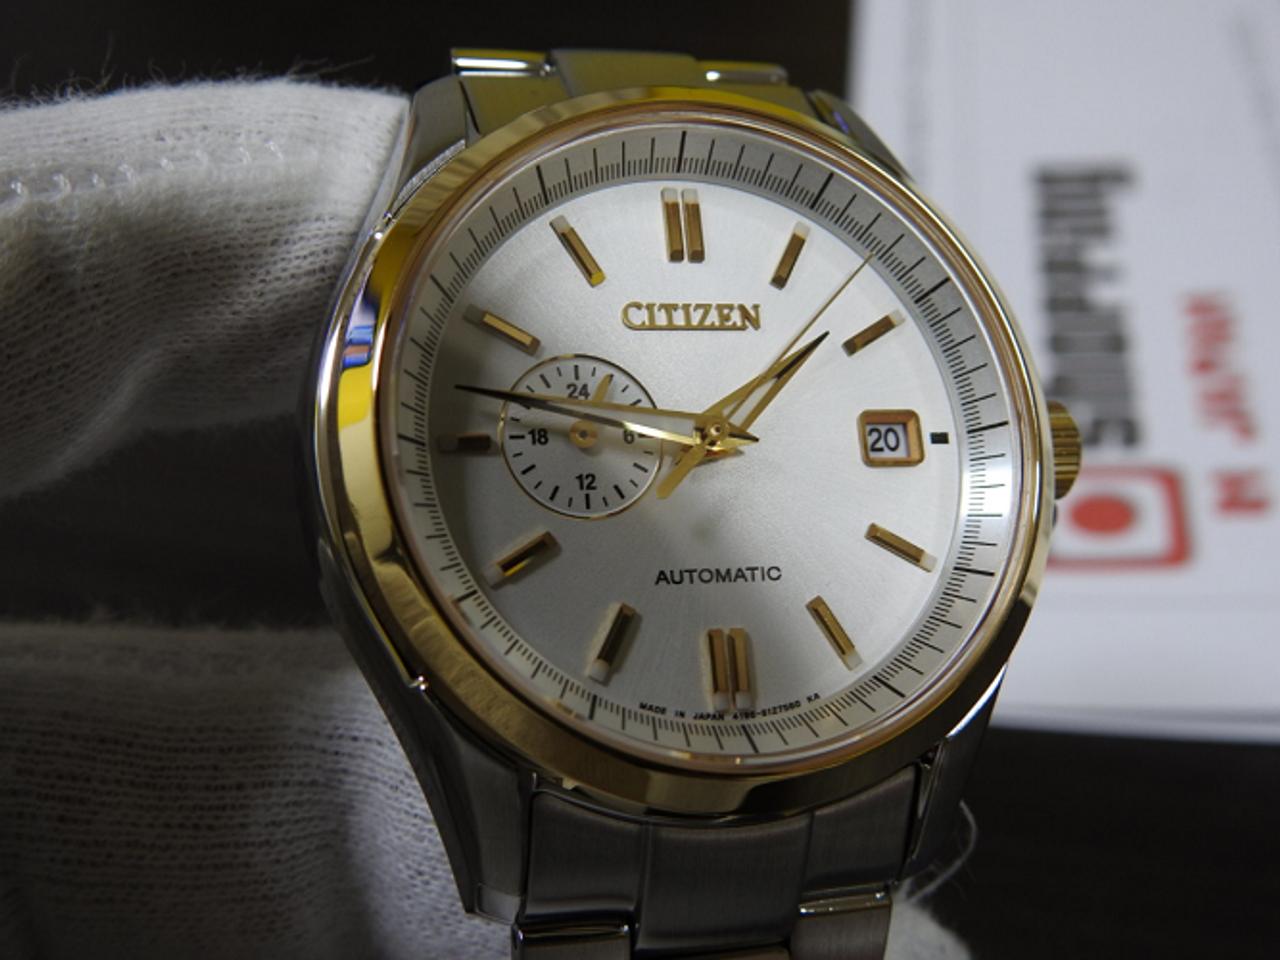 Citizen Mechanical NP3024-56A